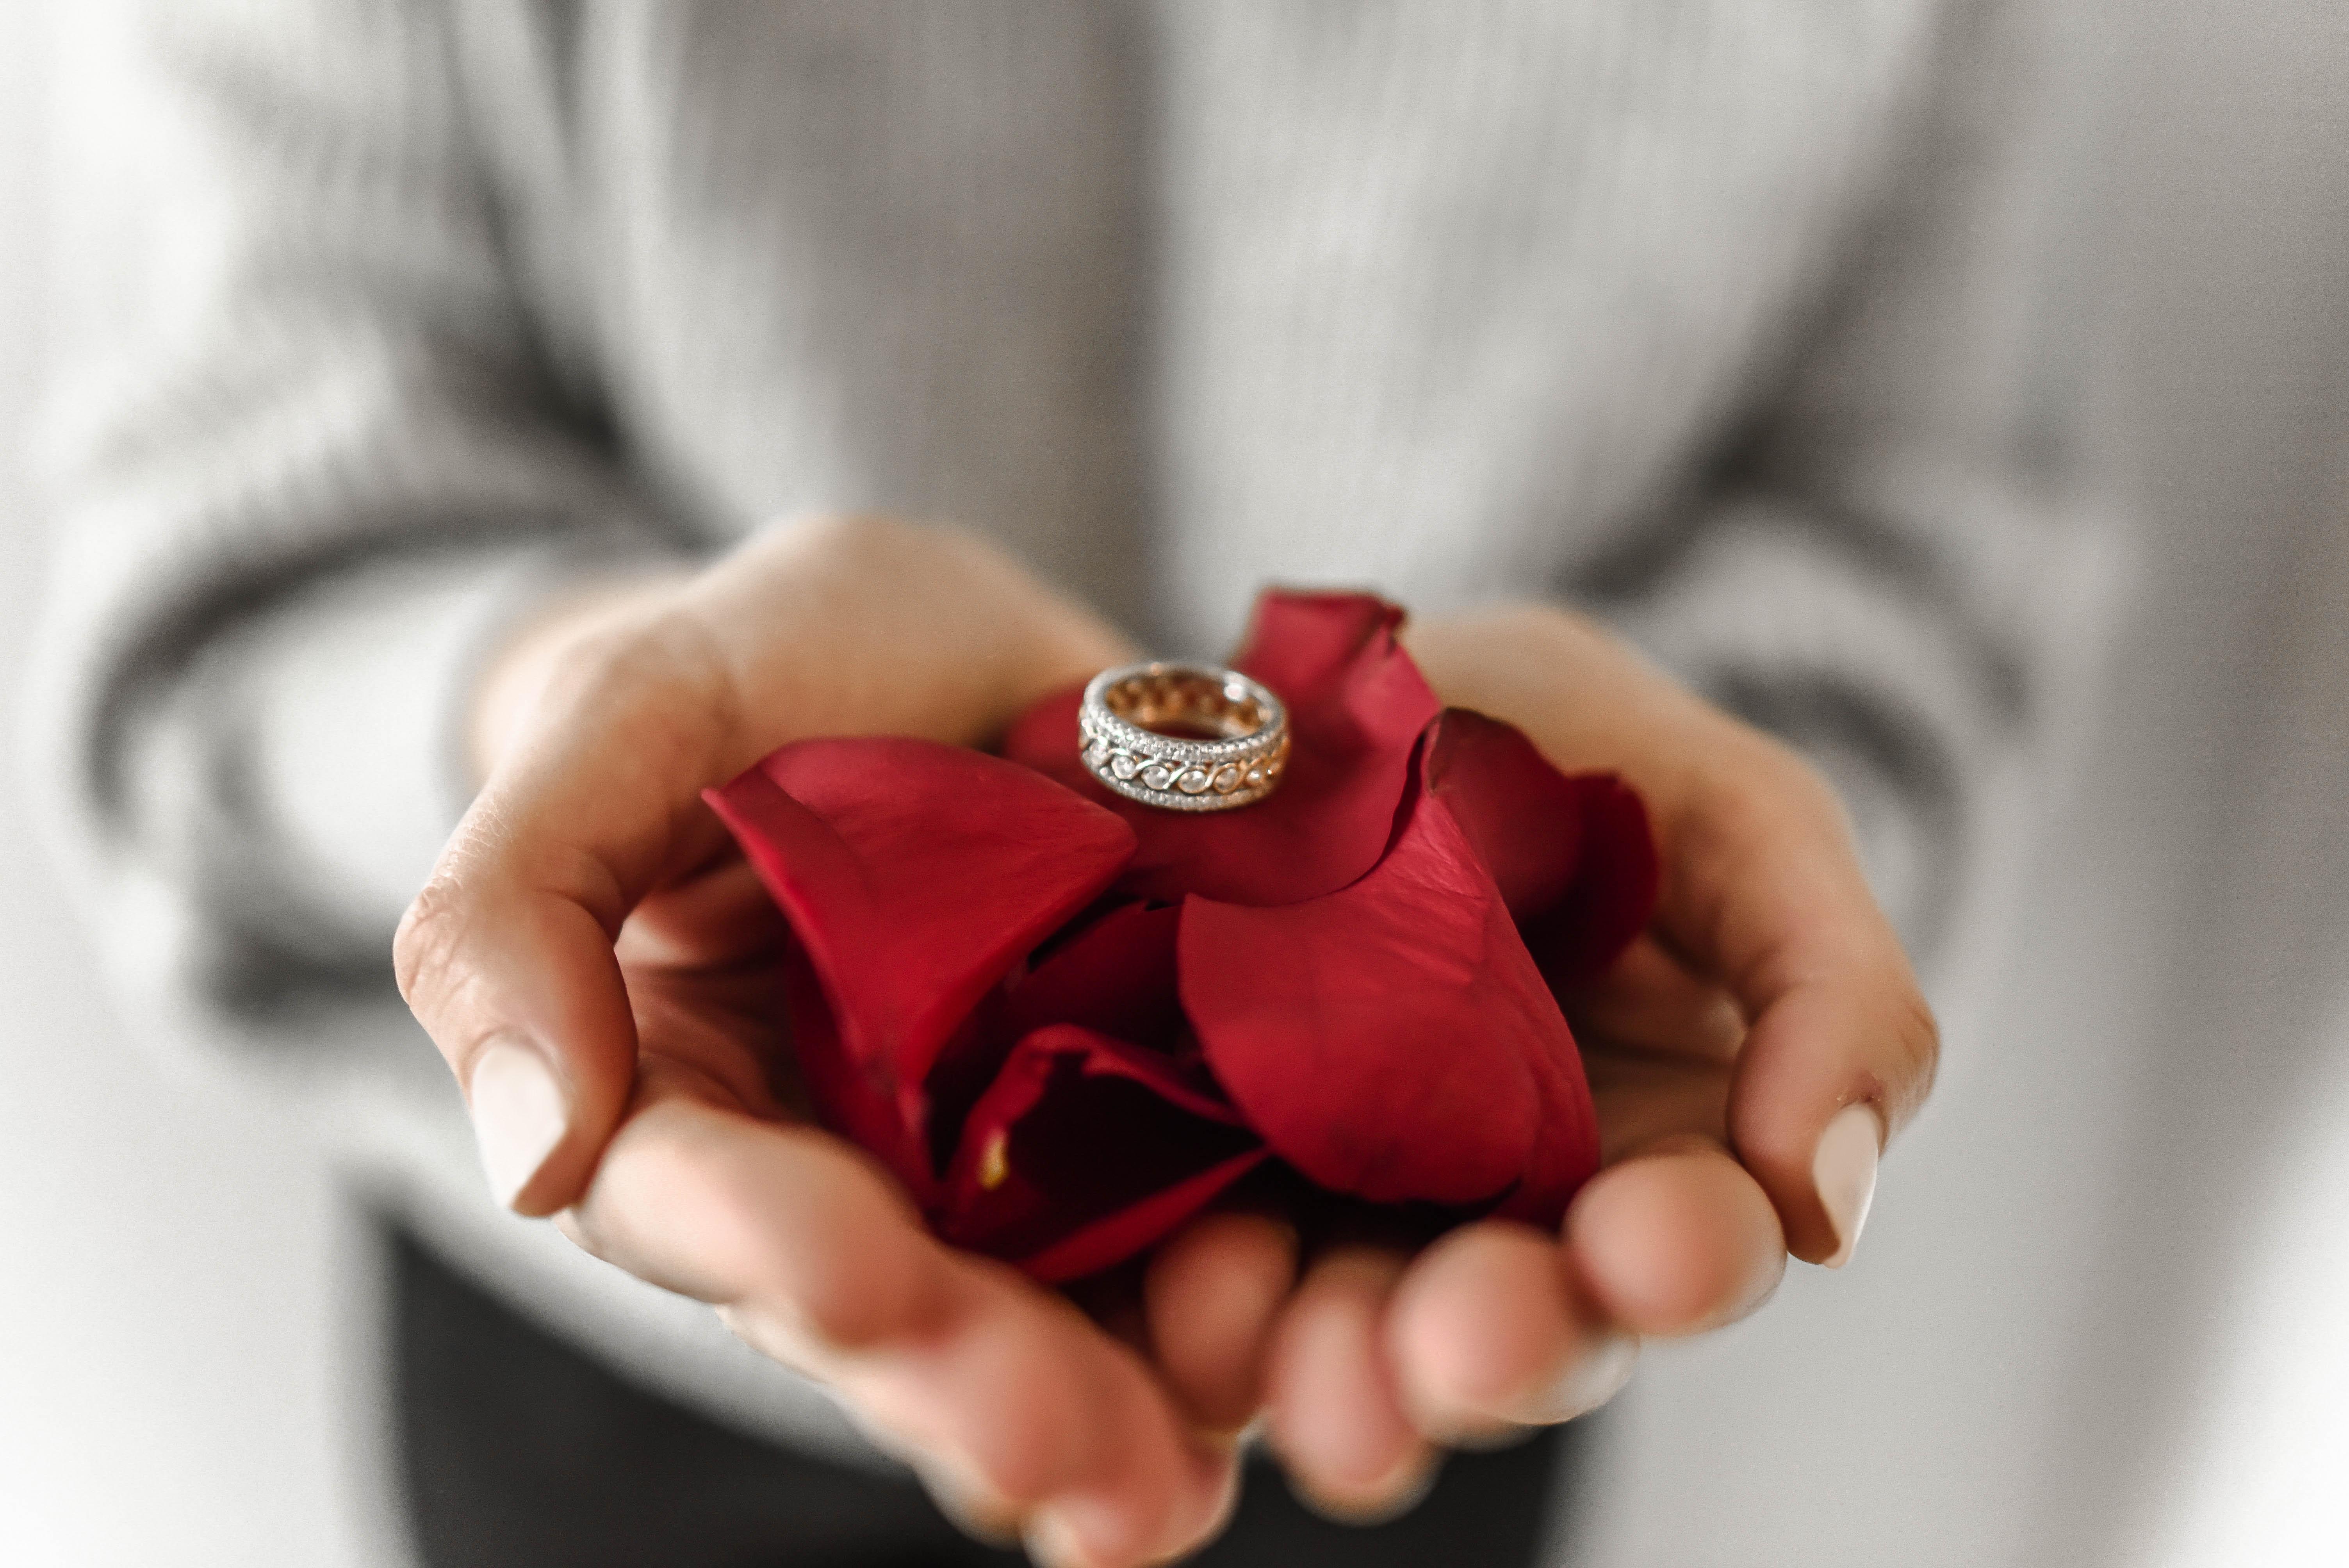 выезжает воду фотография кольцо и сердце гораздо тяжелее